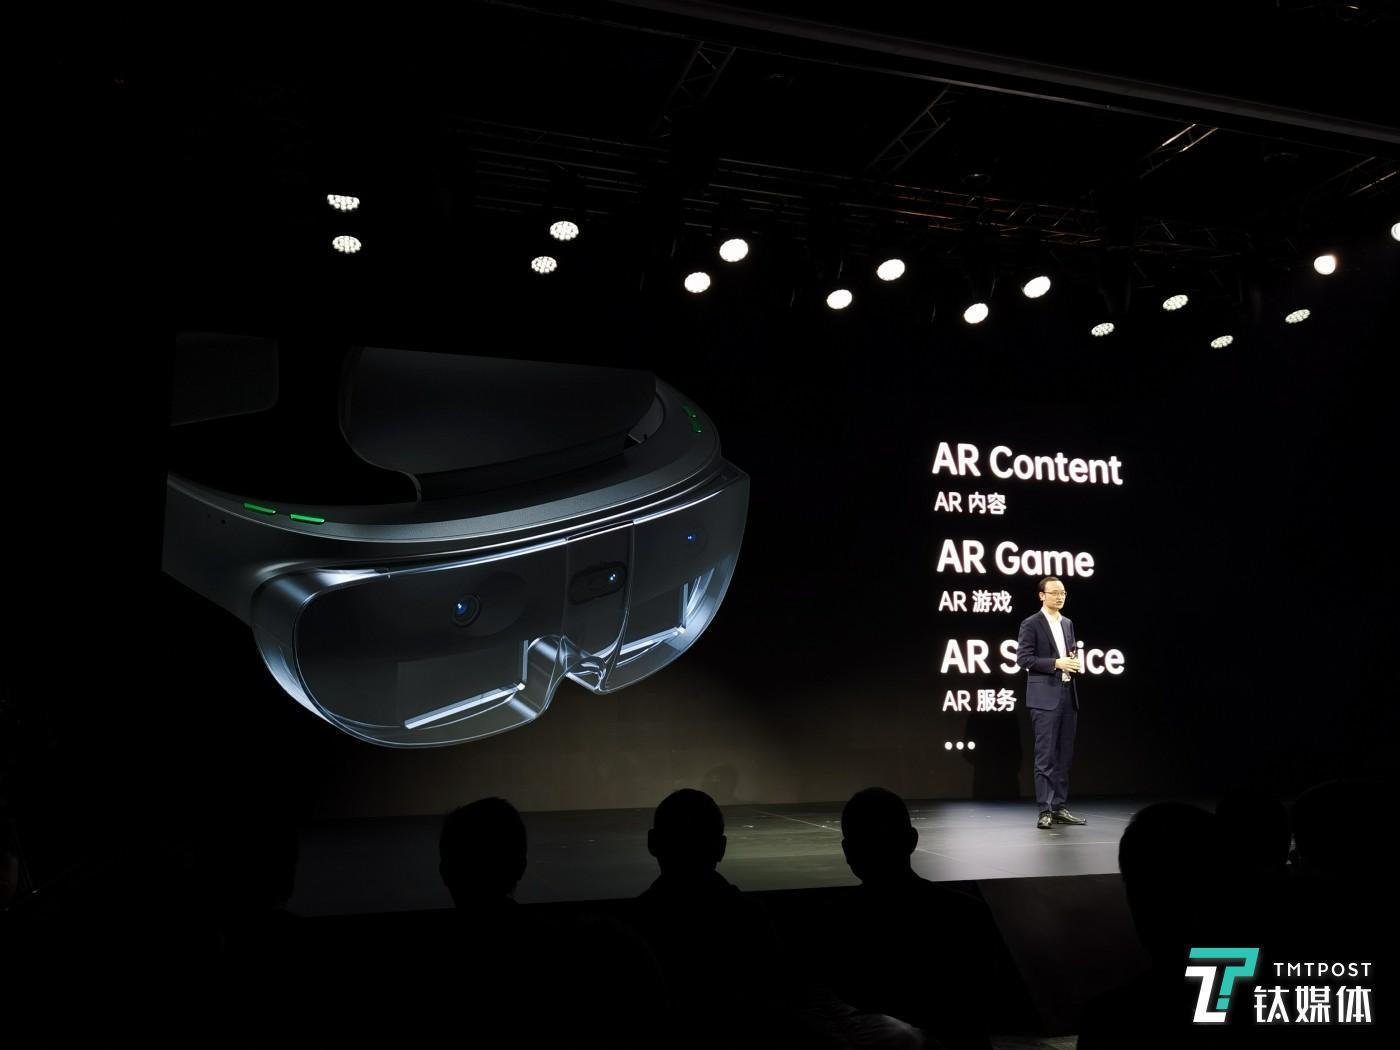 本次大会发布的AR眼镜